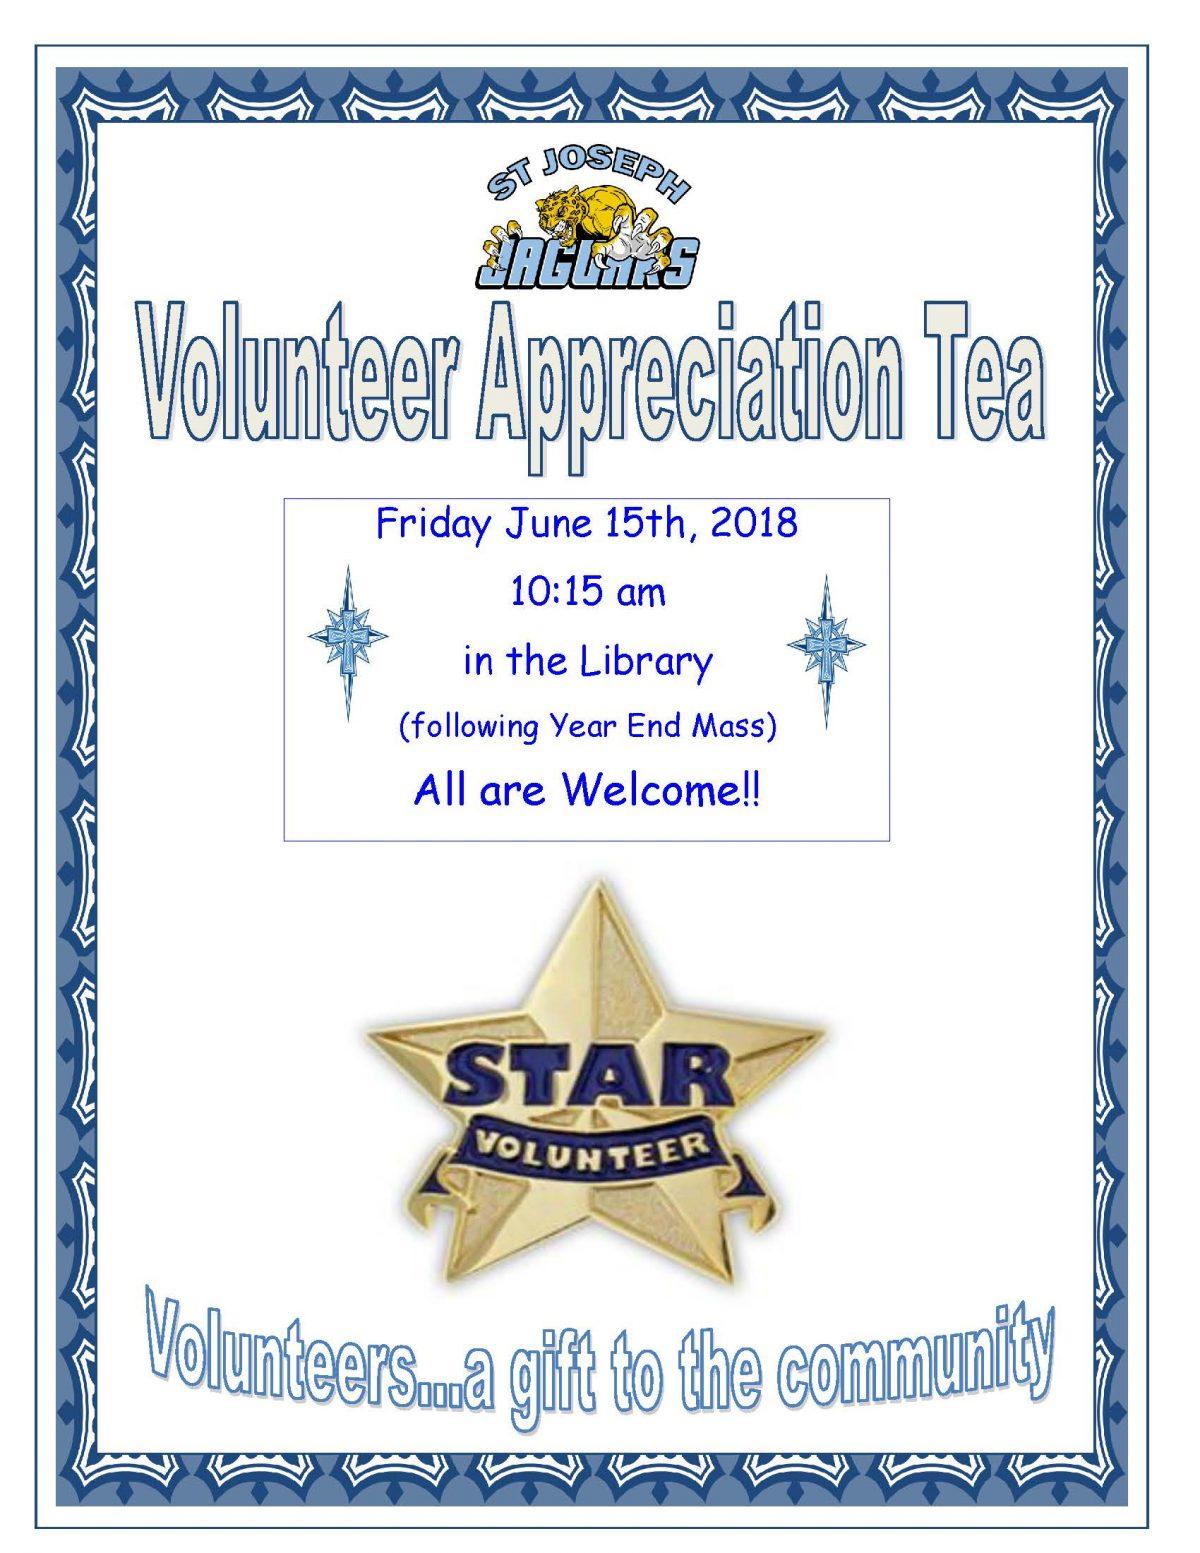 Volunteer Appreciation Tea Friday, June 15 at 10:30 am